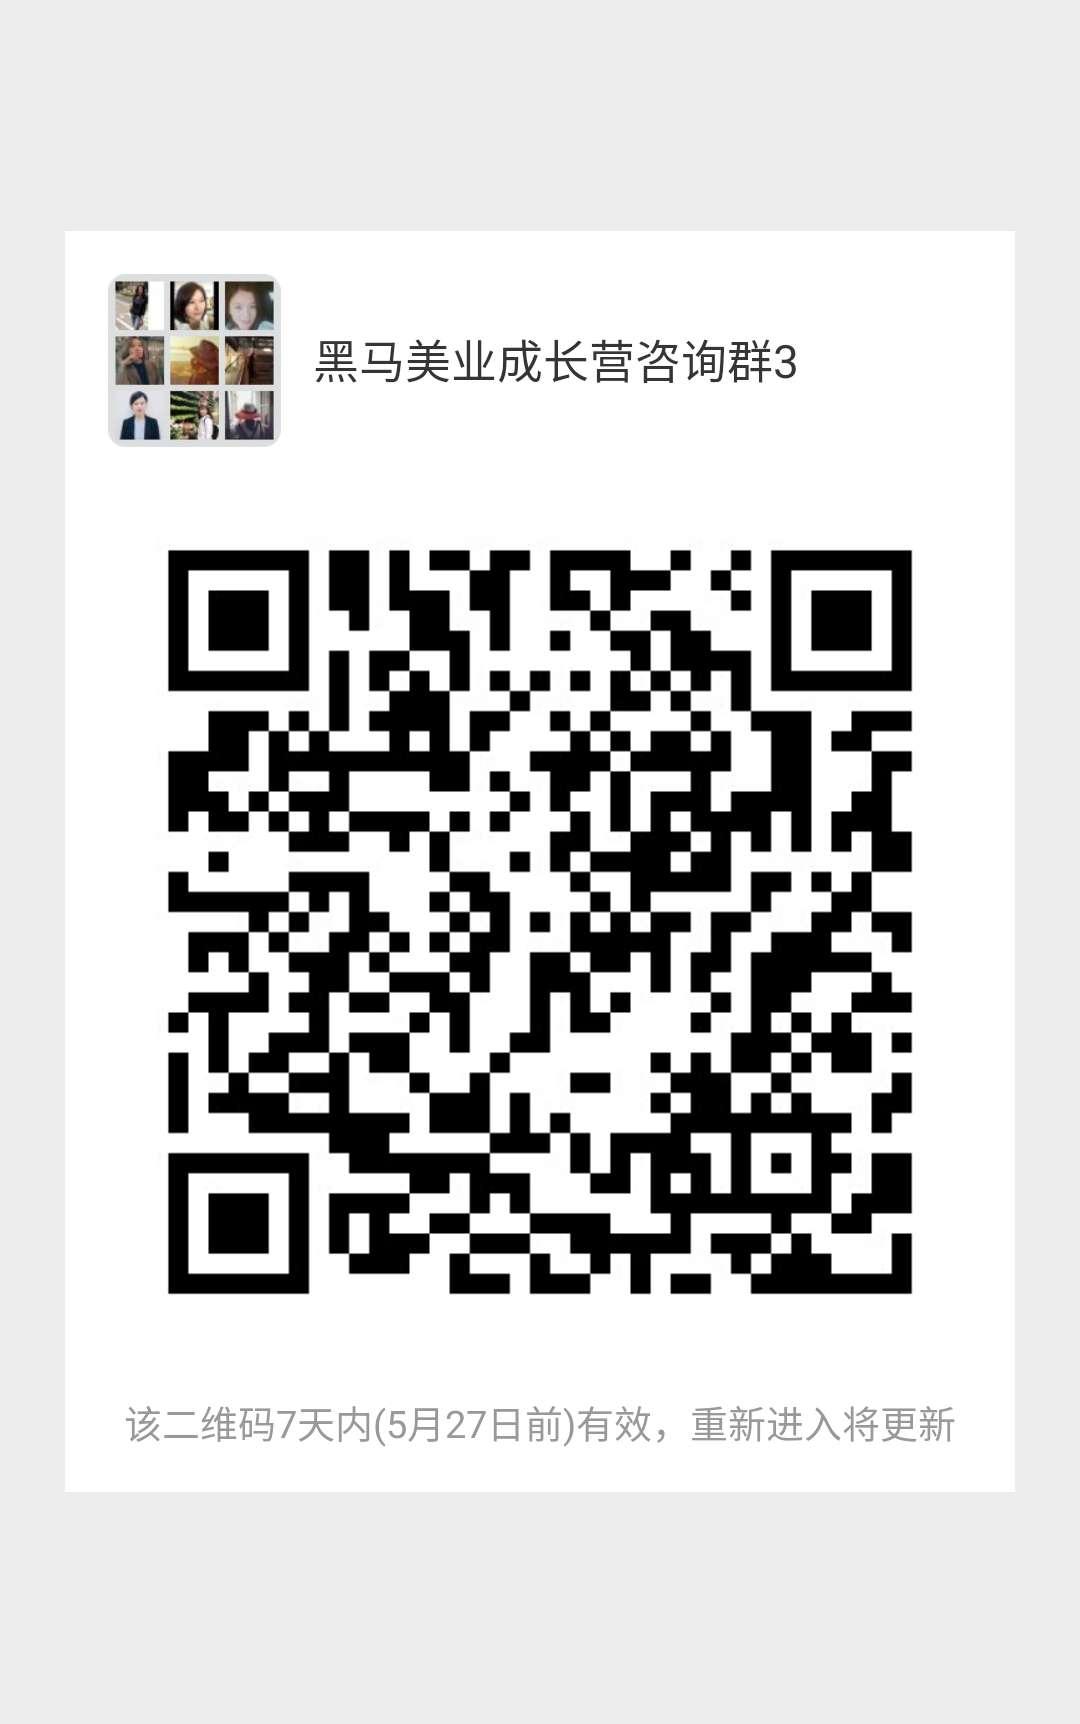 35afc13d275cf0fd5230e8d1d829395.jpg